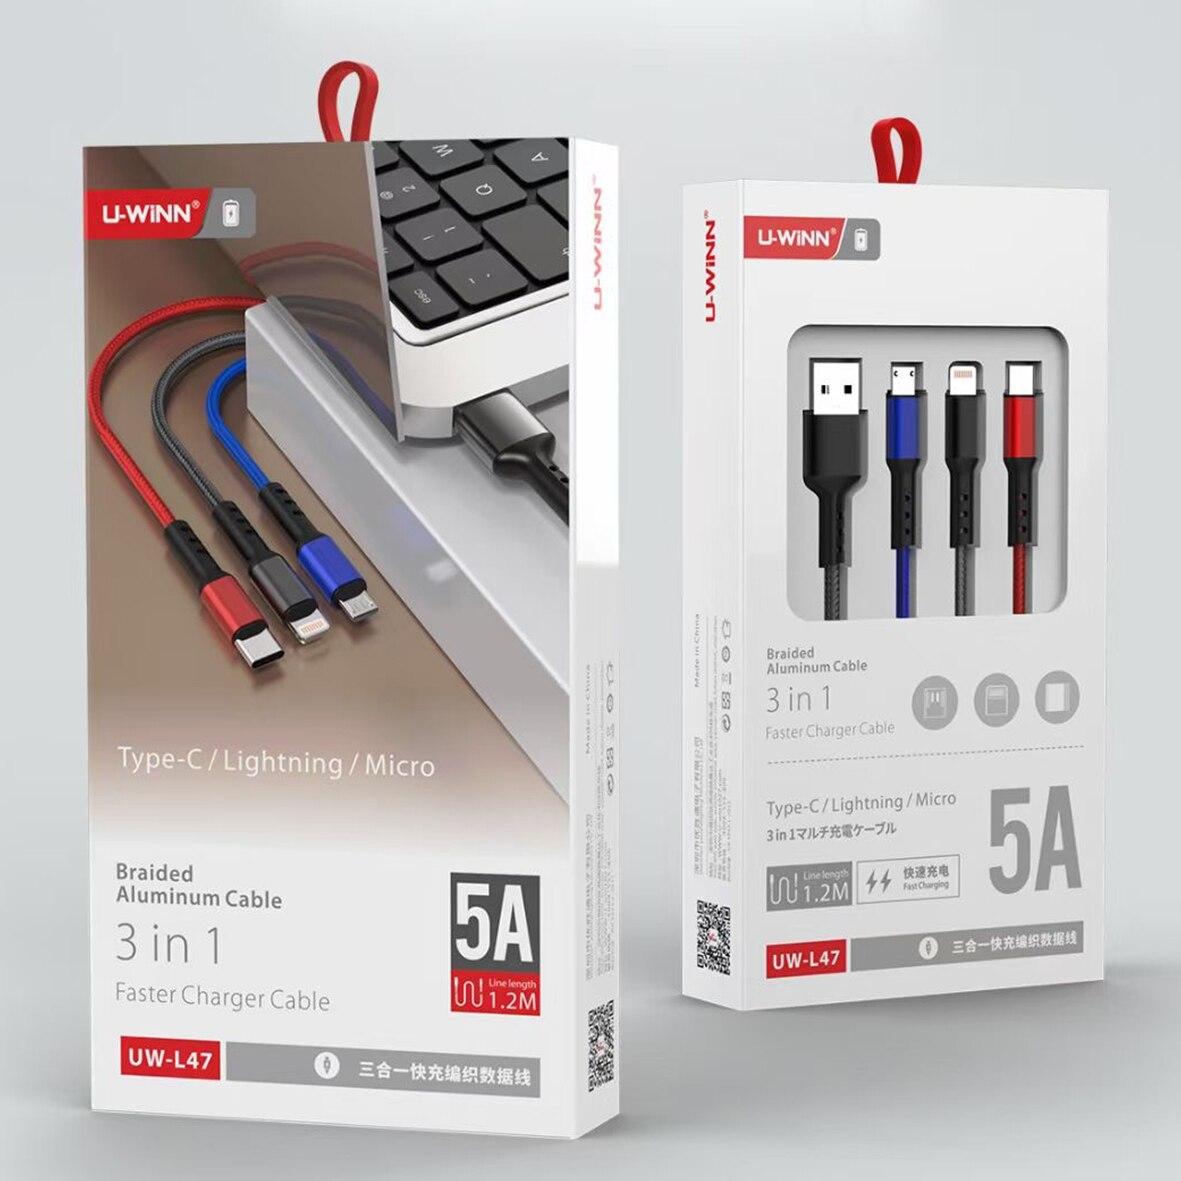 3 в 1 быстрое зарядное устройство кабель для Iphone Usb кабель для Android Xiaomi Huawei Samsung кабель Type C кабель для передачи данных Type-C кабель для передачи и...